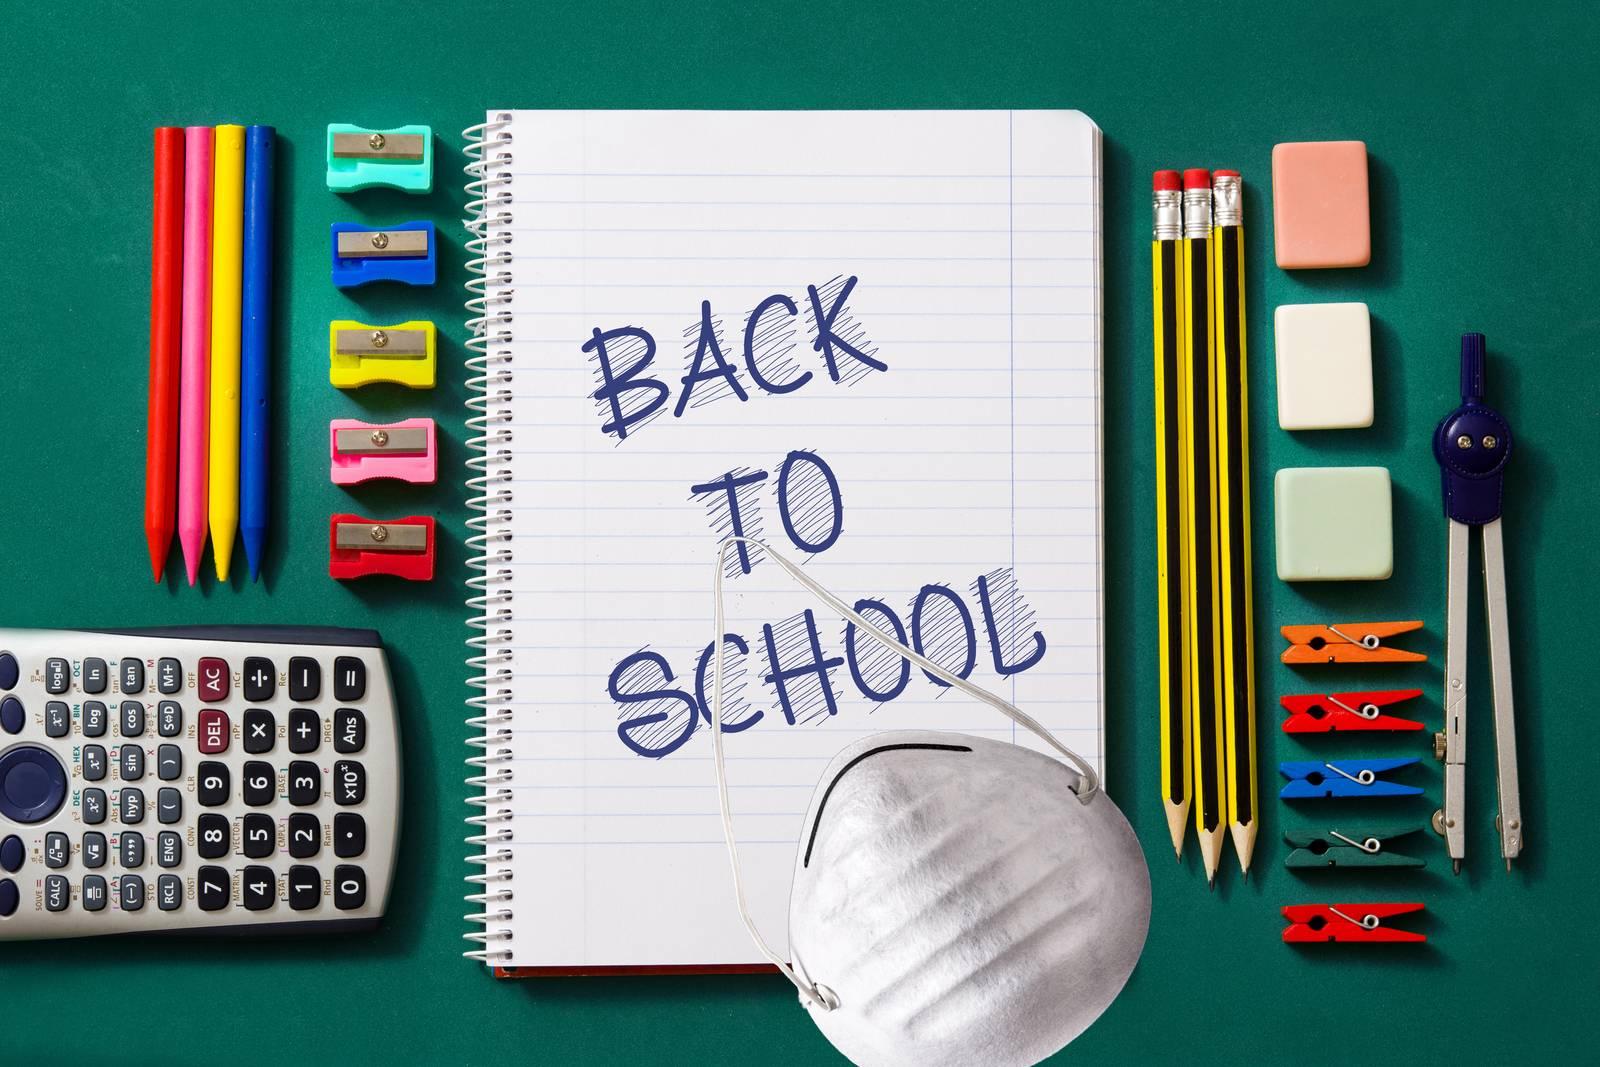 Okula Dönüş - Öğrenme Bölmeleri